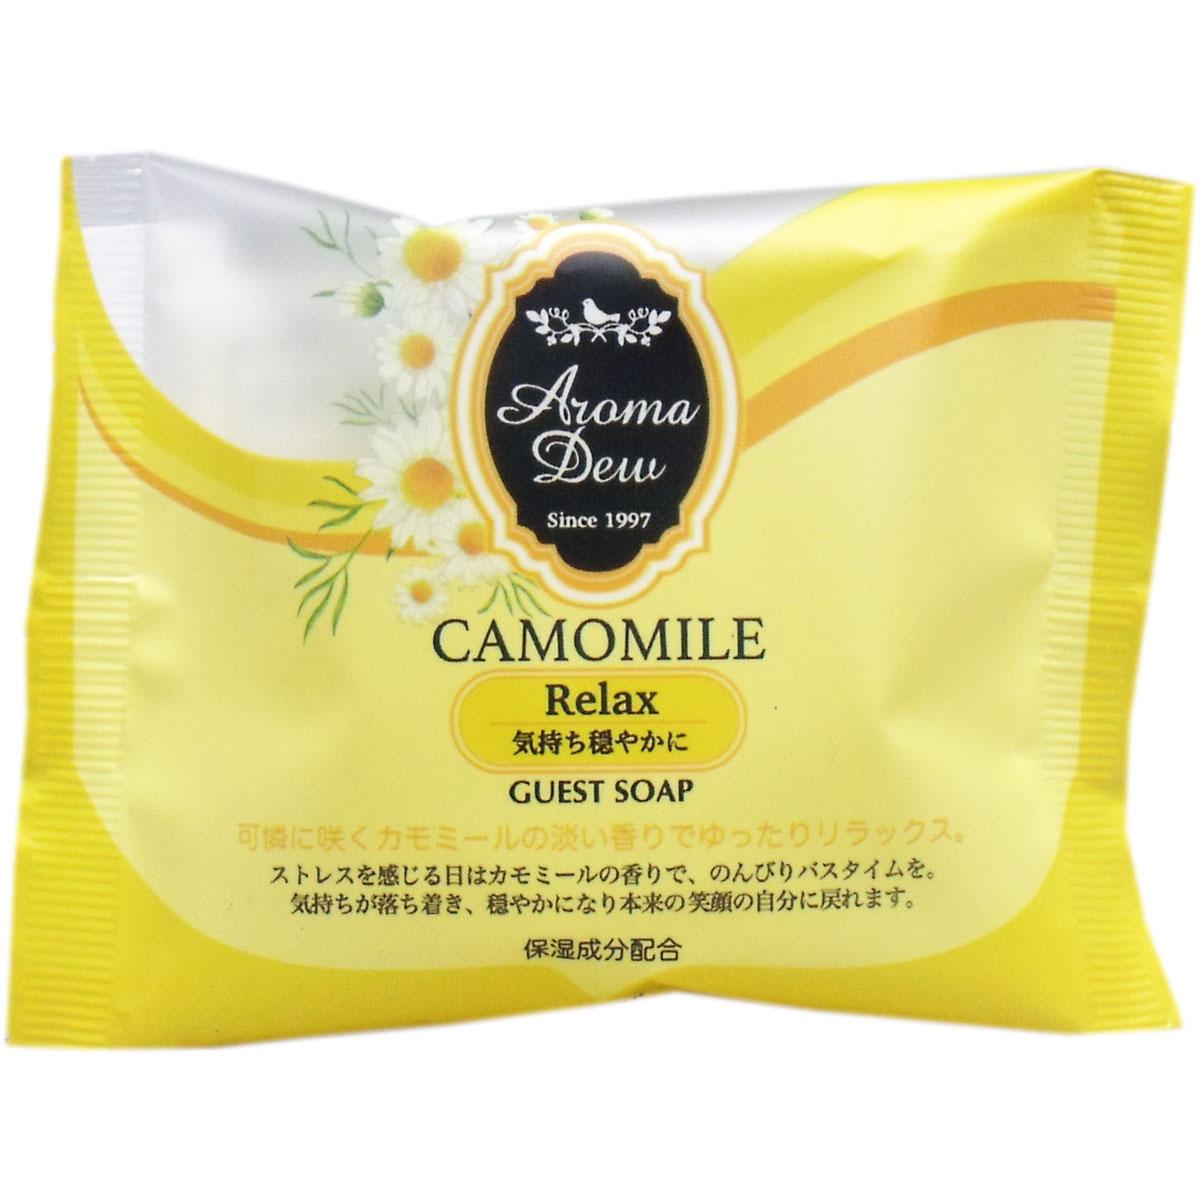 アロマデュウ ゲストソープ カモミールの香り 35g